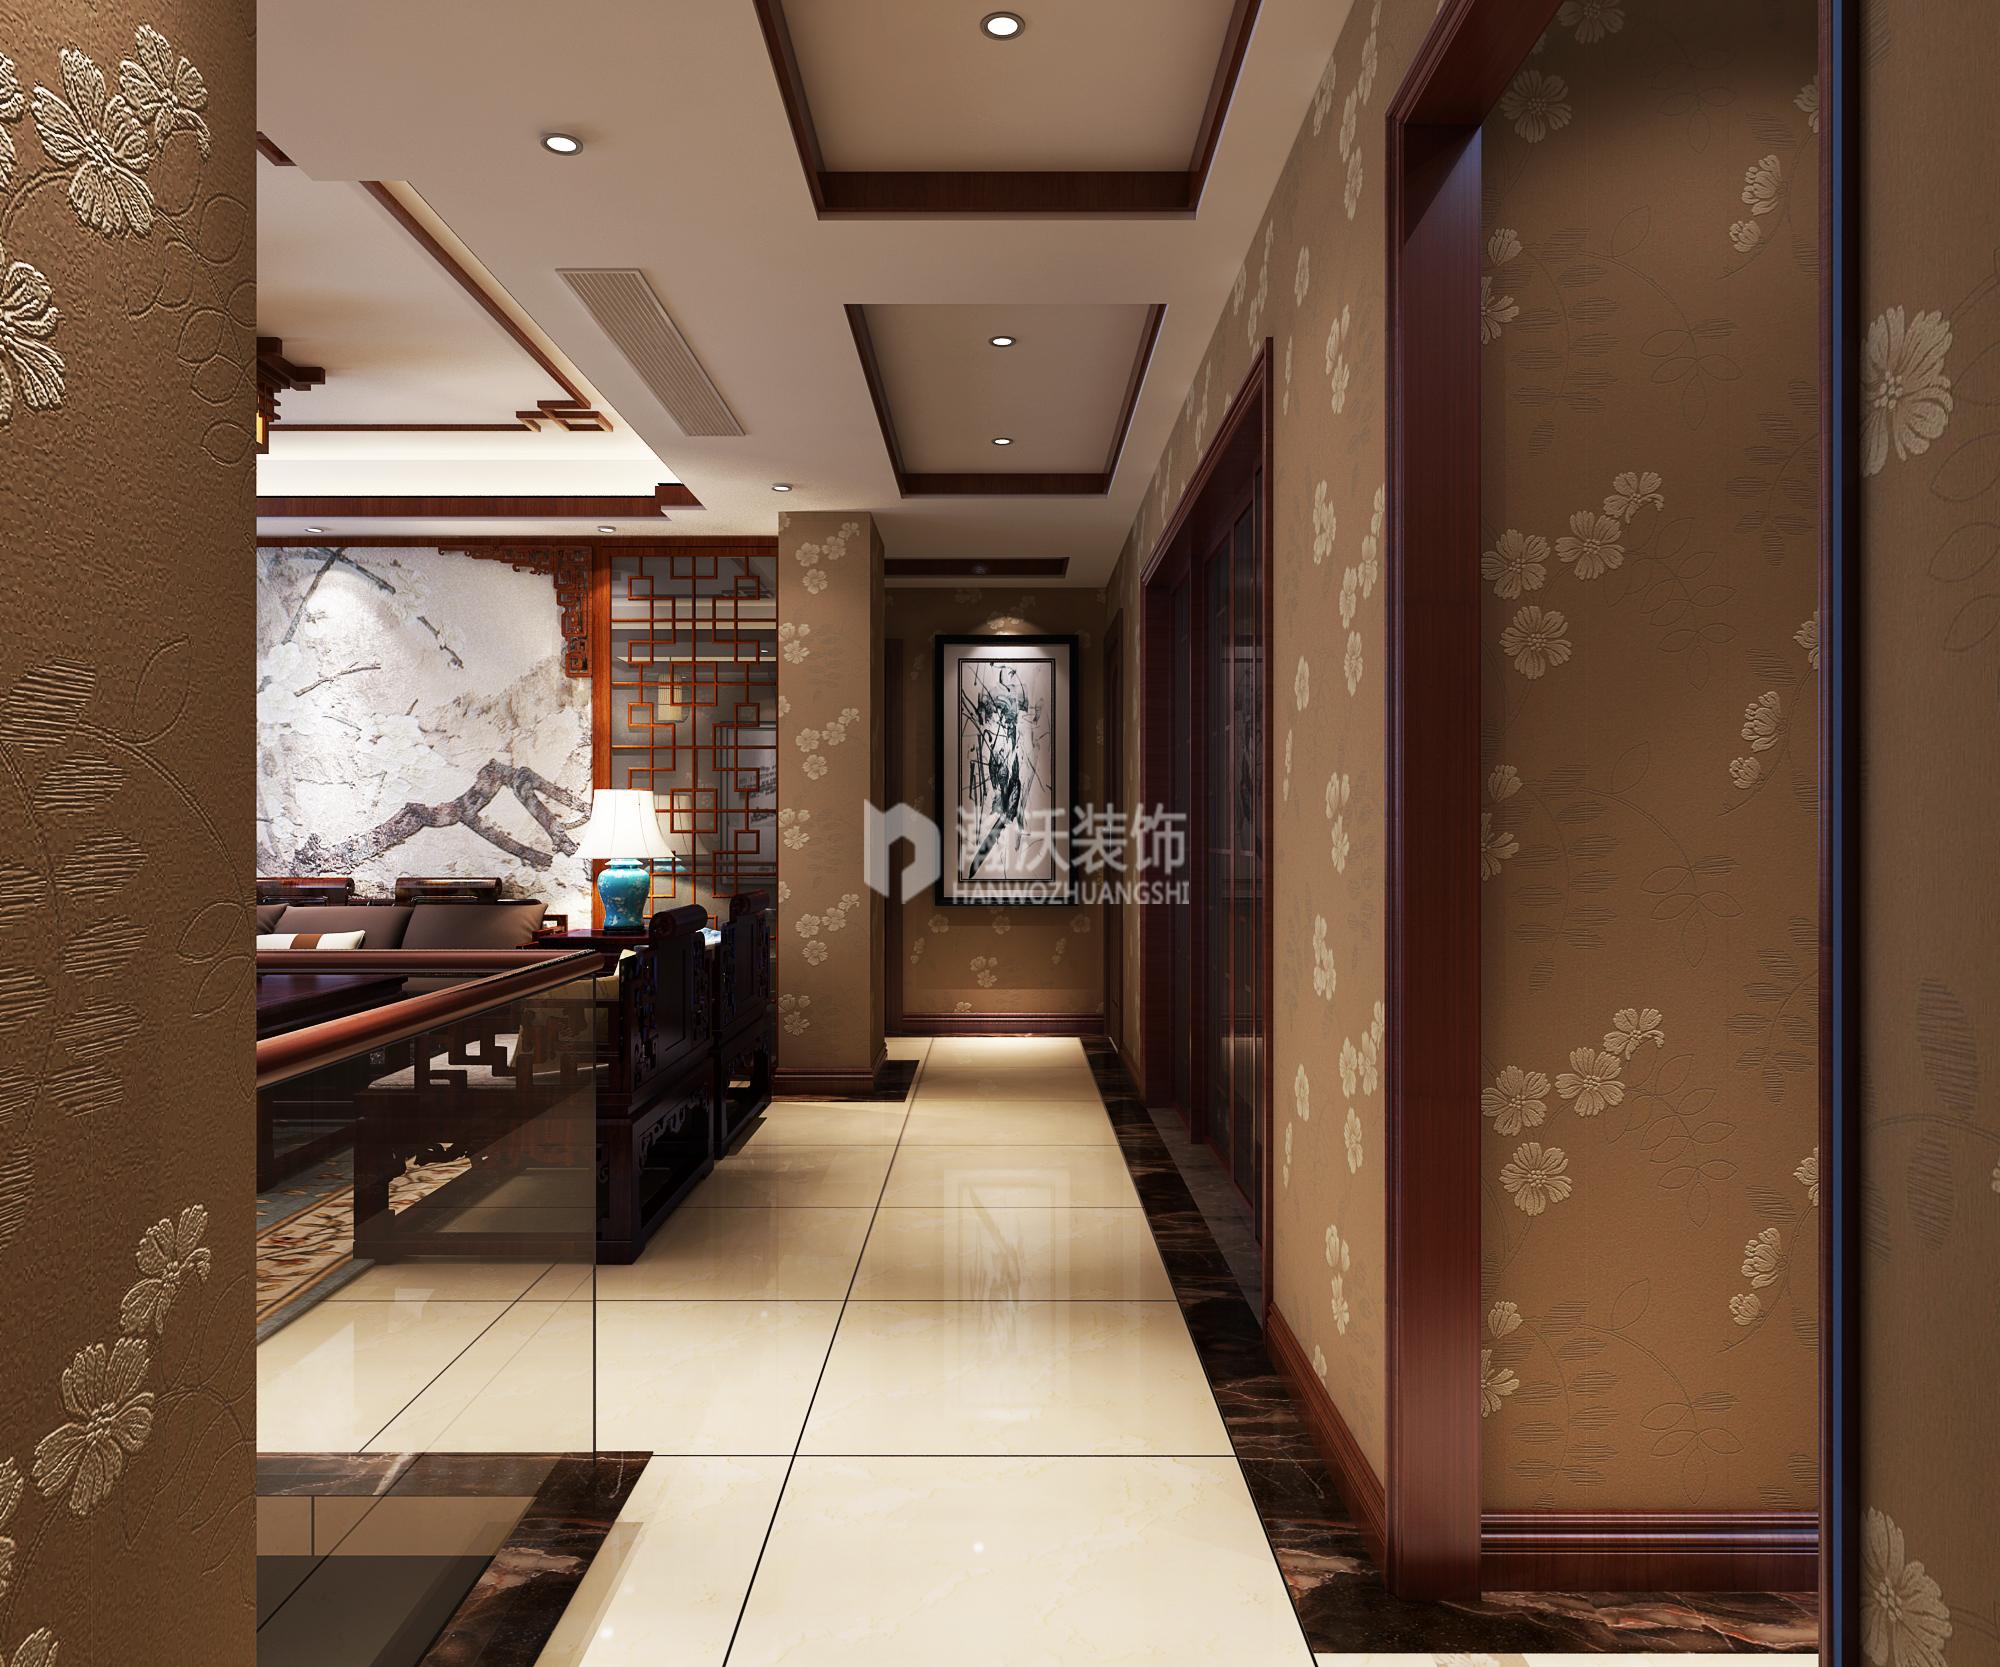 别墅 中式 龙华苑 其他图片来自河北瀚沃装饰在龙华苑中式案例的分享